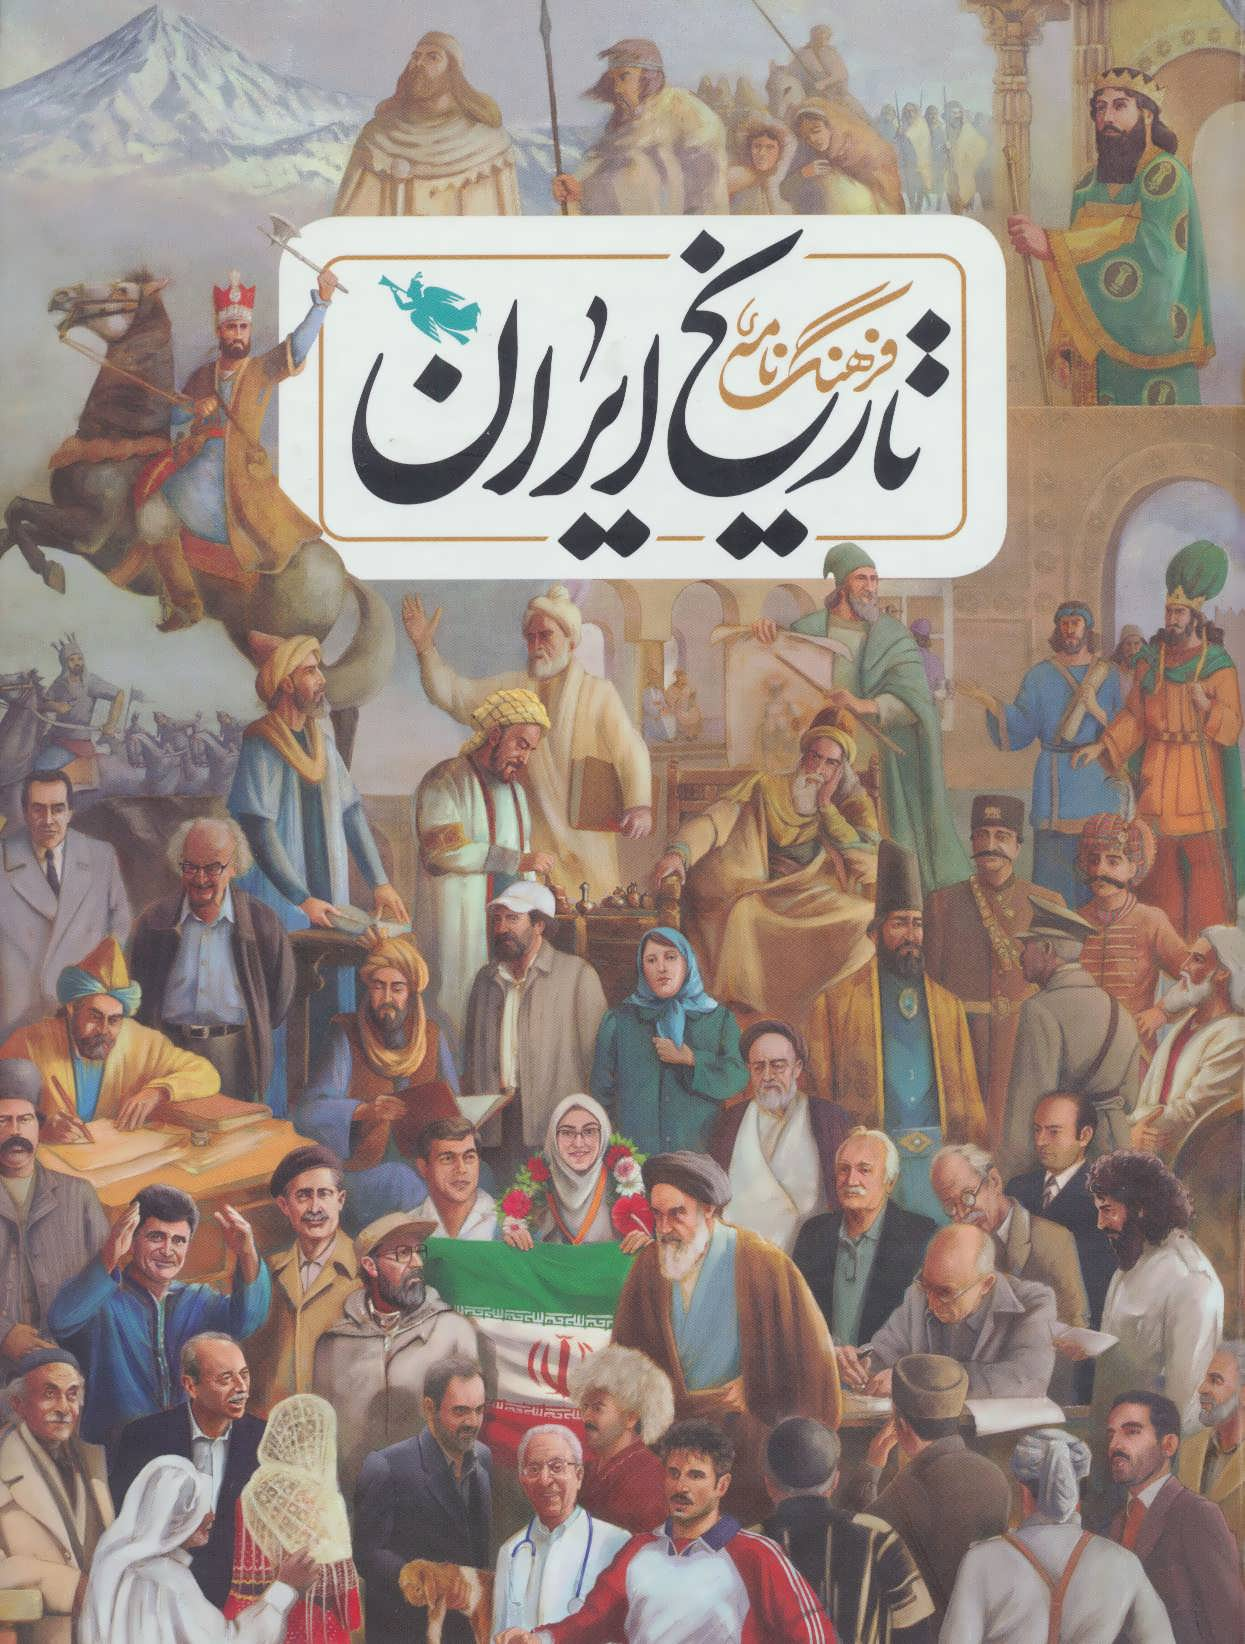 فرهنگ نامه ی تاریخ ایران (گلاسه)